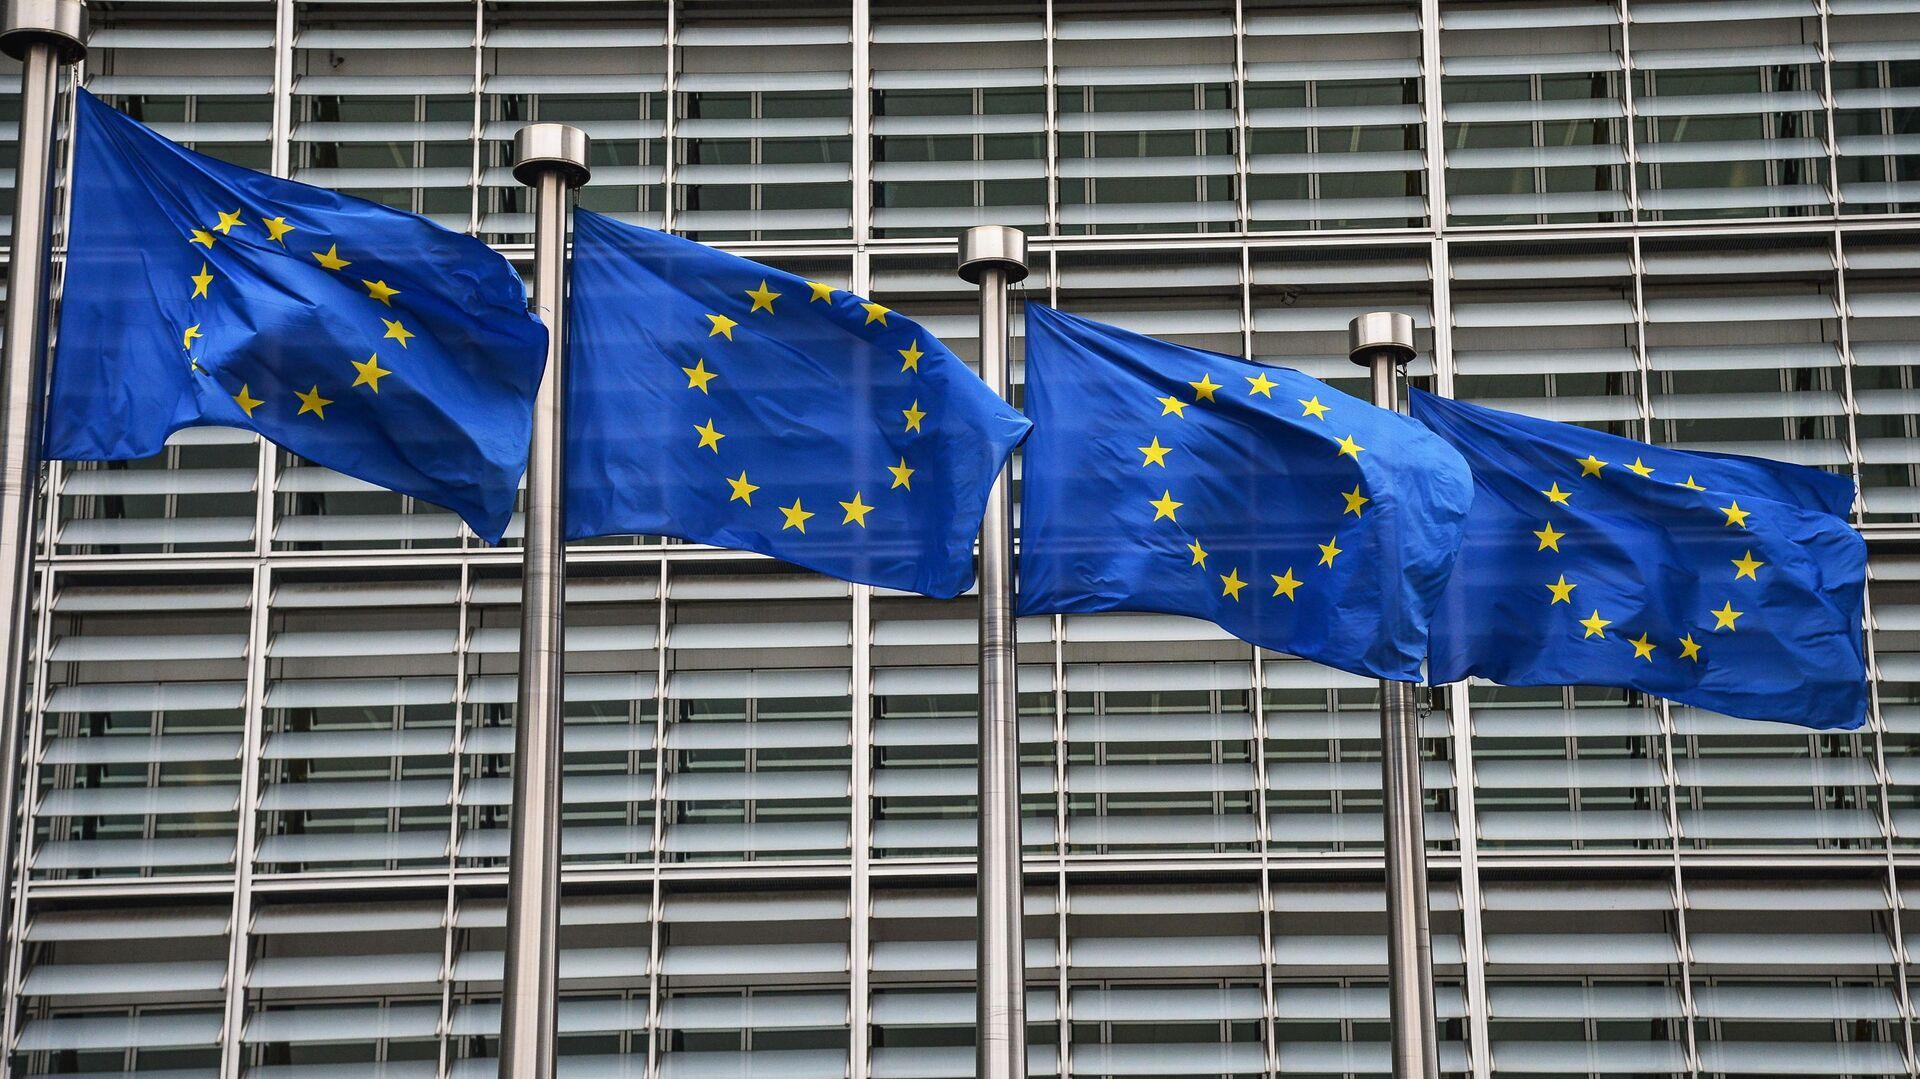 Флаги с символикой Евросоюза у здания Еврокомиссии в Брюсселе - РИА Новости, 1920, 21.09.2020